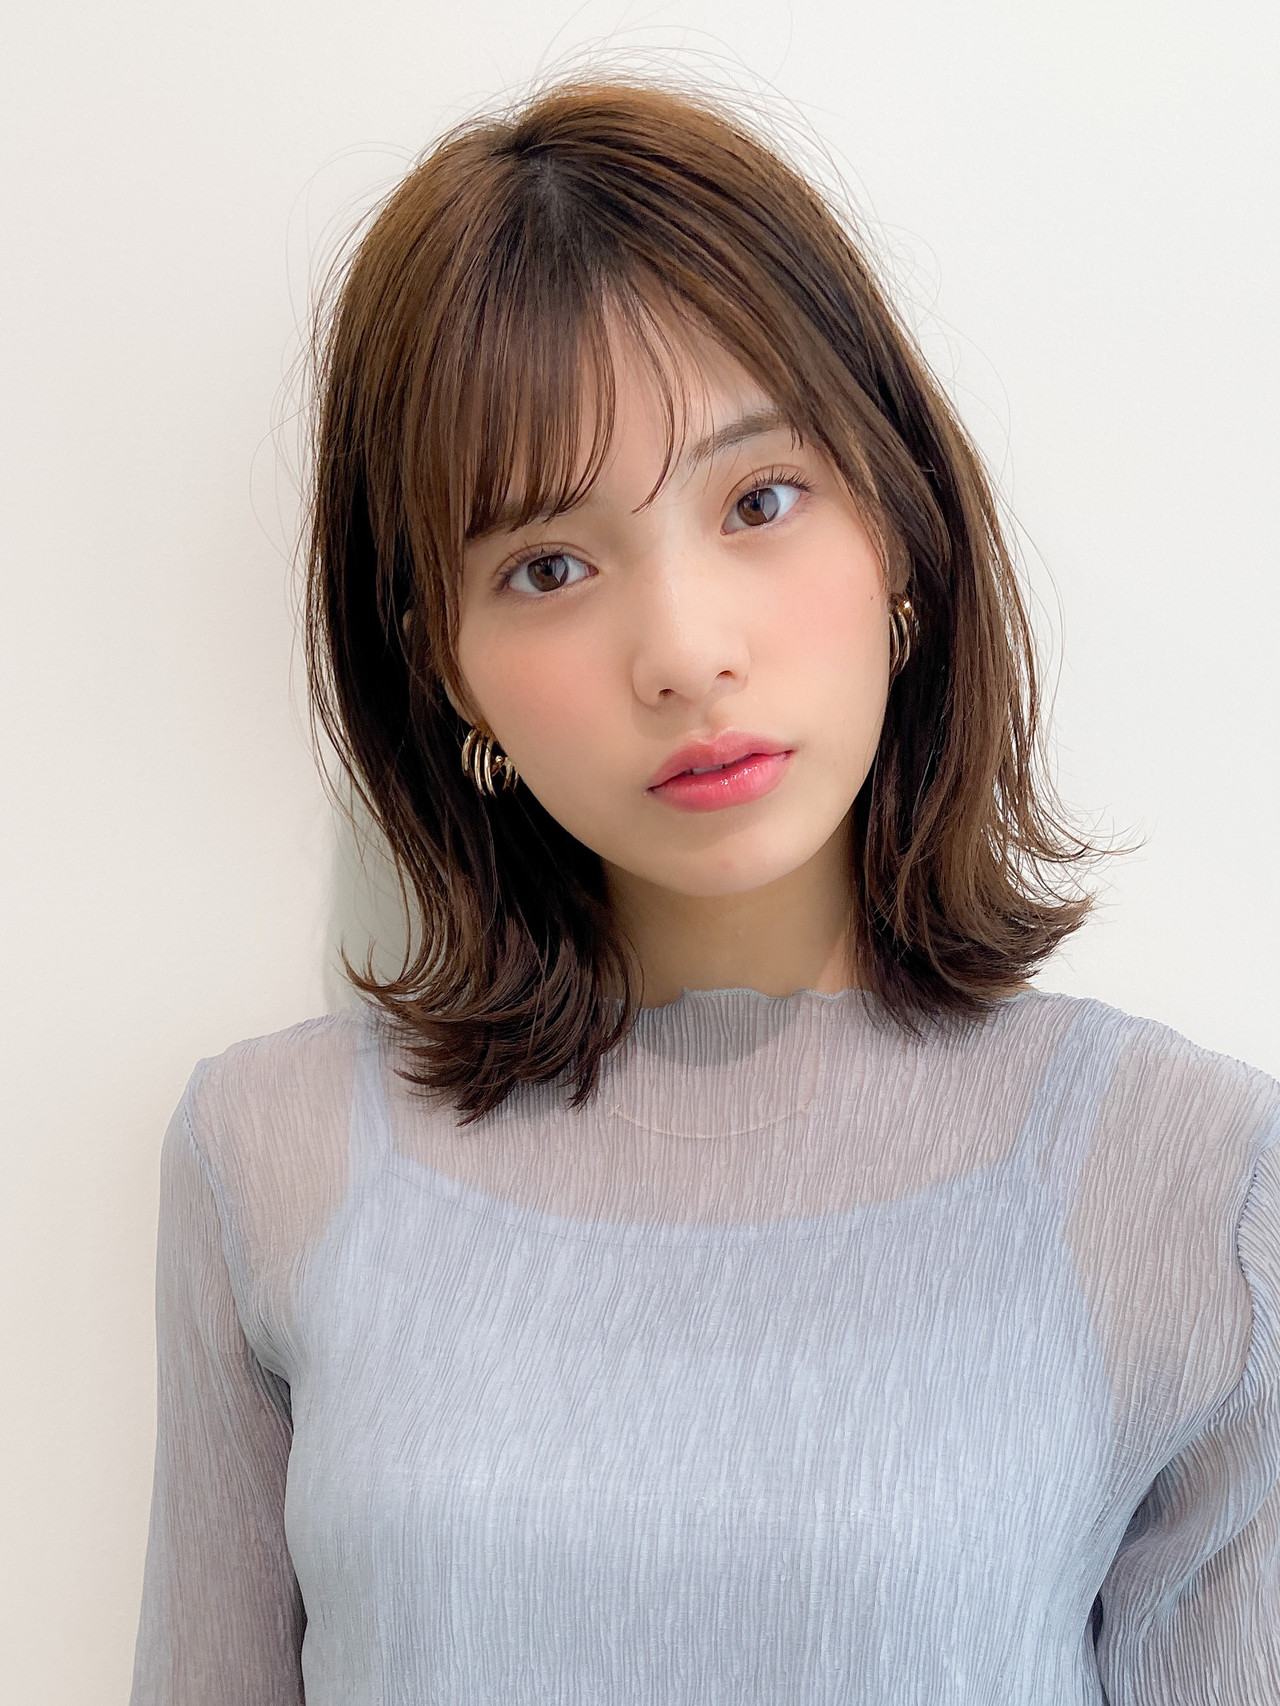 デジタルパーマ モテ髪 ミディアム アンニュイほつれヘア ヘアスタイルや髪型の写真・画像